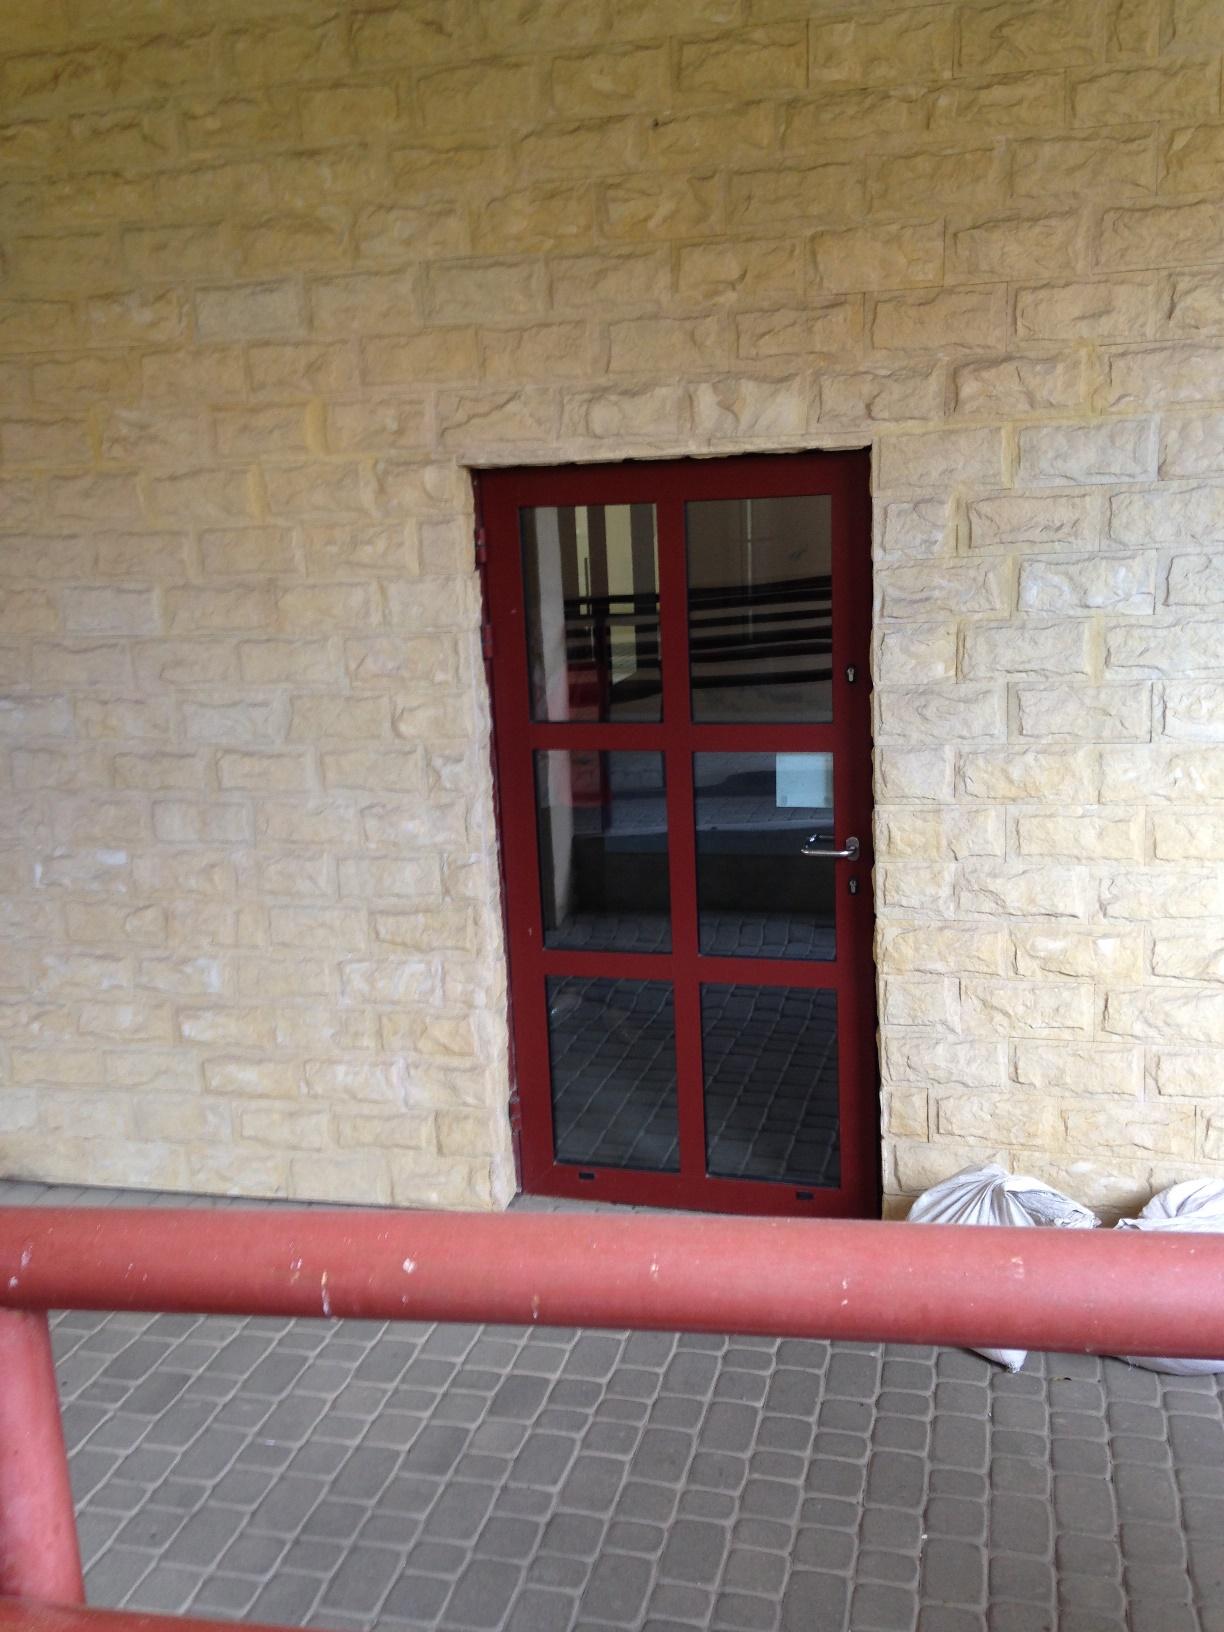 Drzwi wejściowe do budynku na poziomie 0 - specjalne wejście dla osób na wózkach inwalidzkich